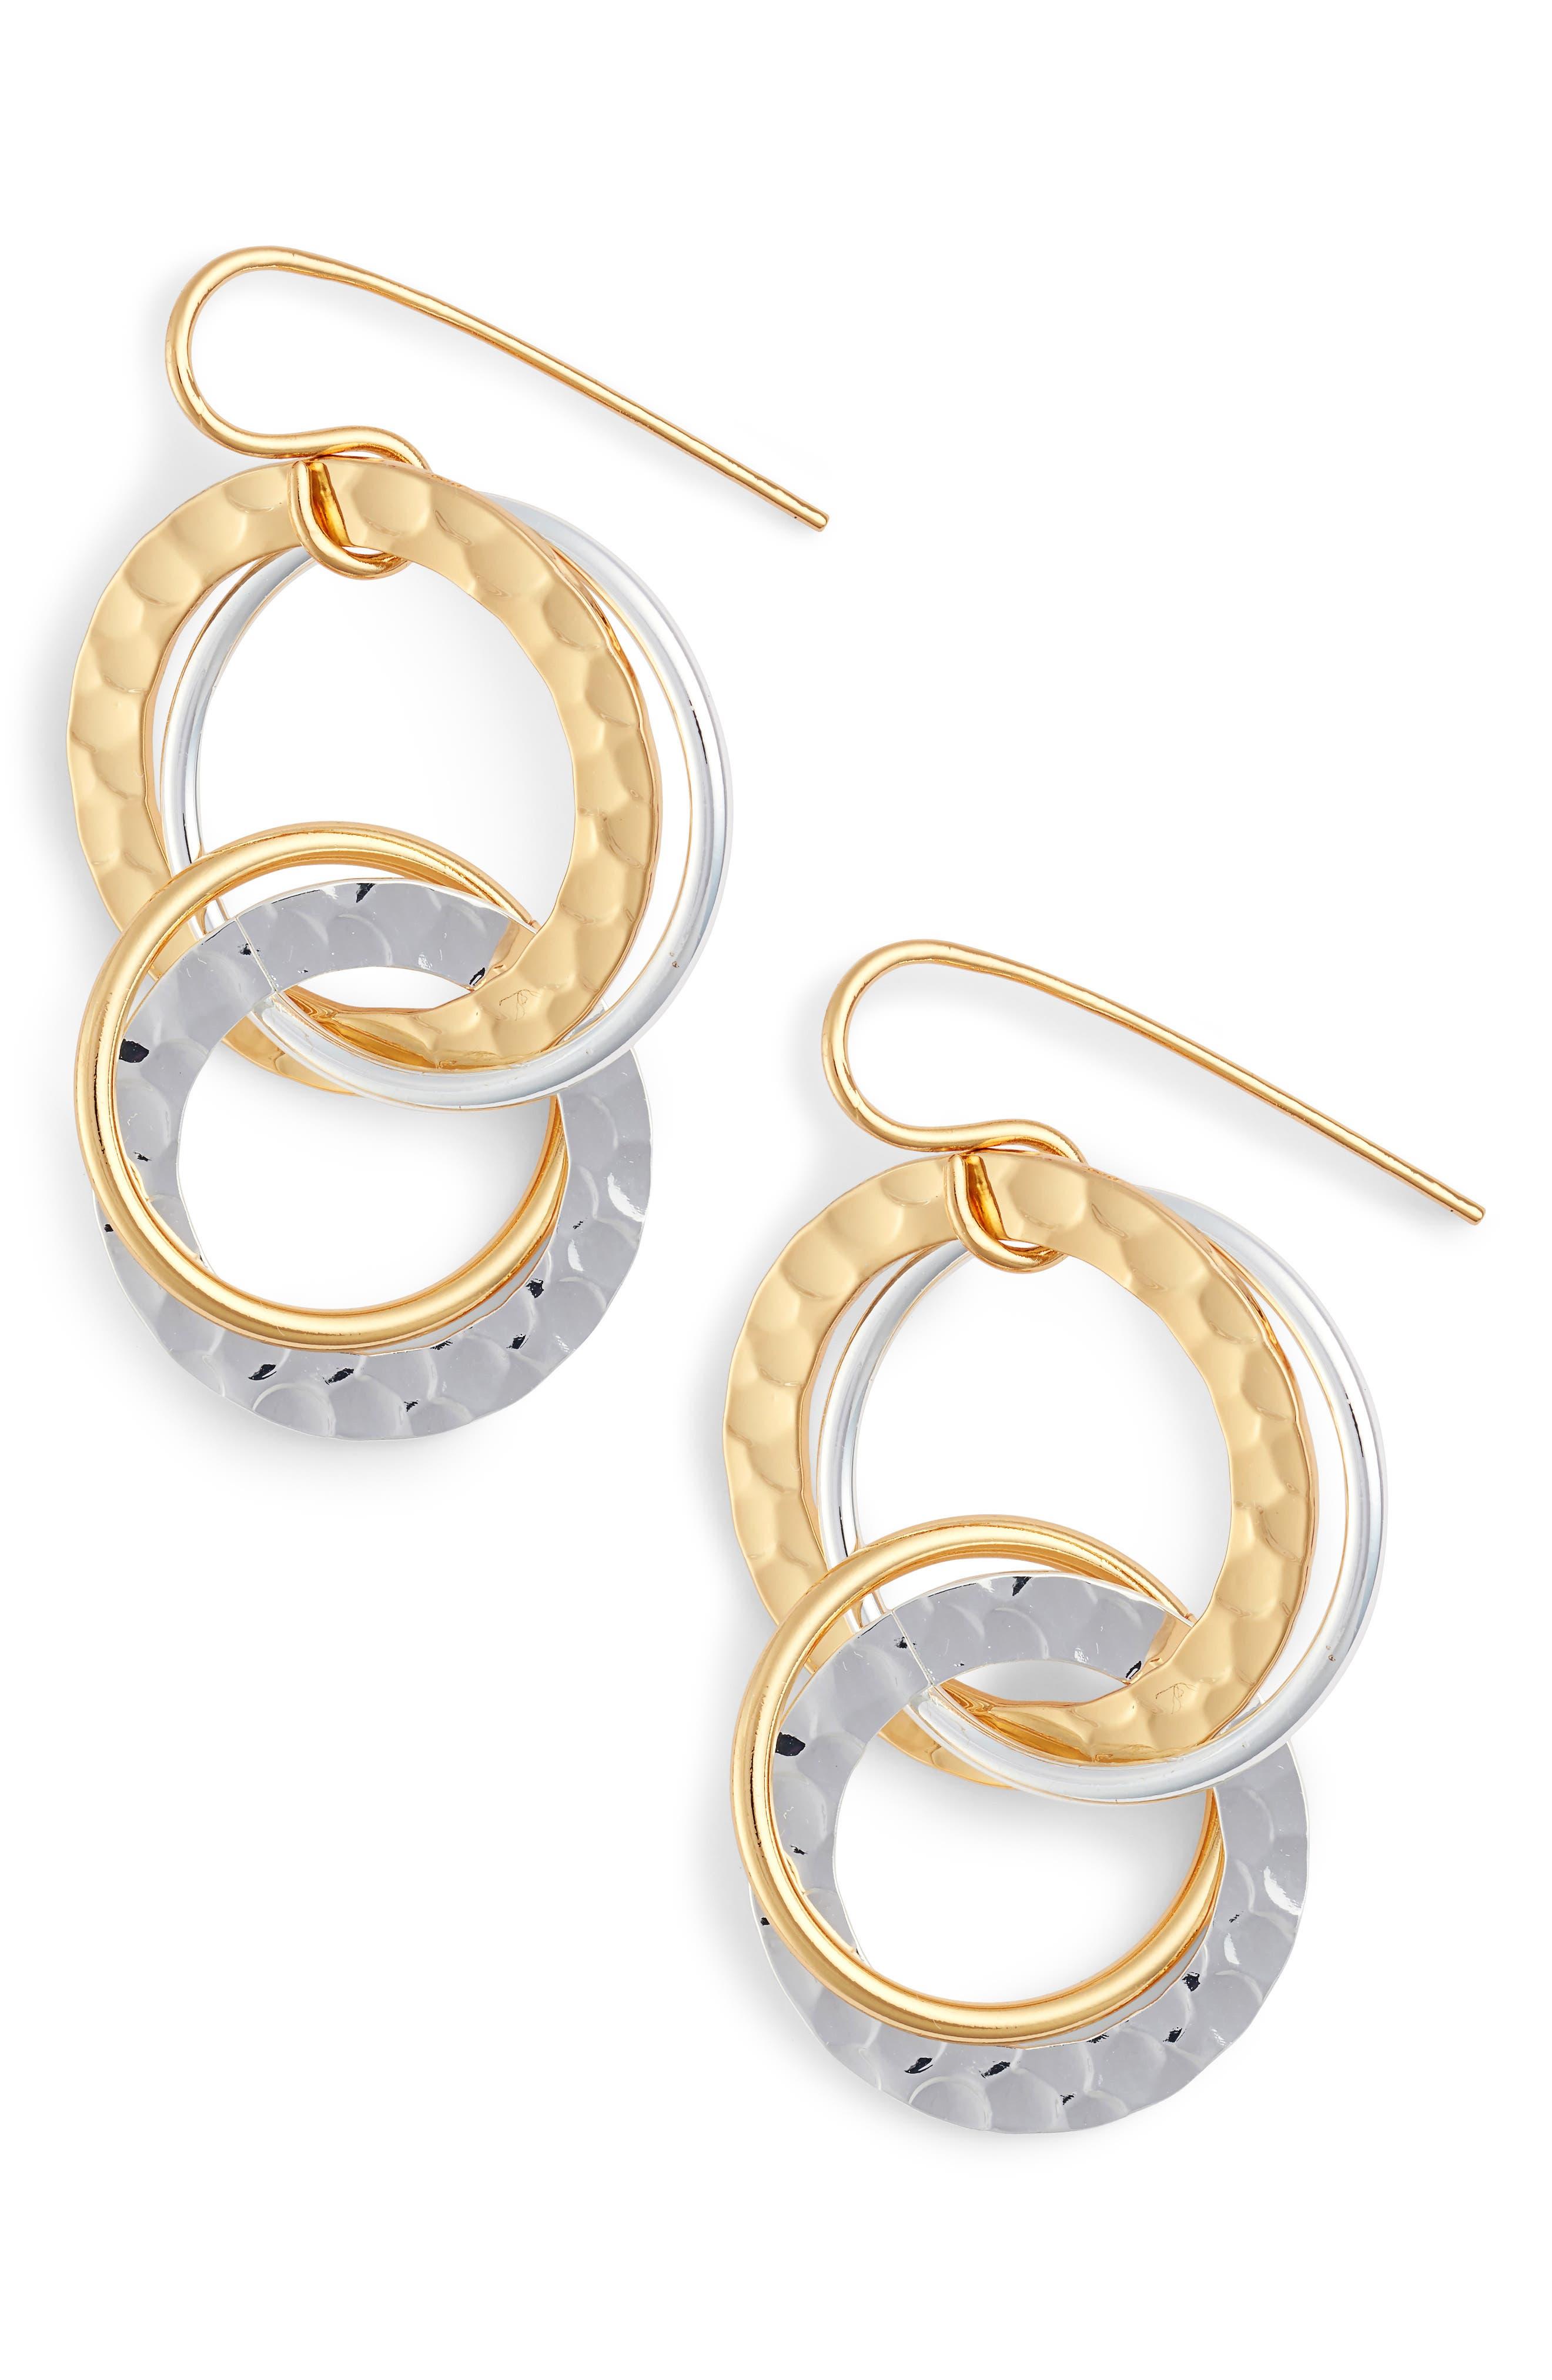 Main Image - DVF Multi Ring Earrings